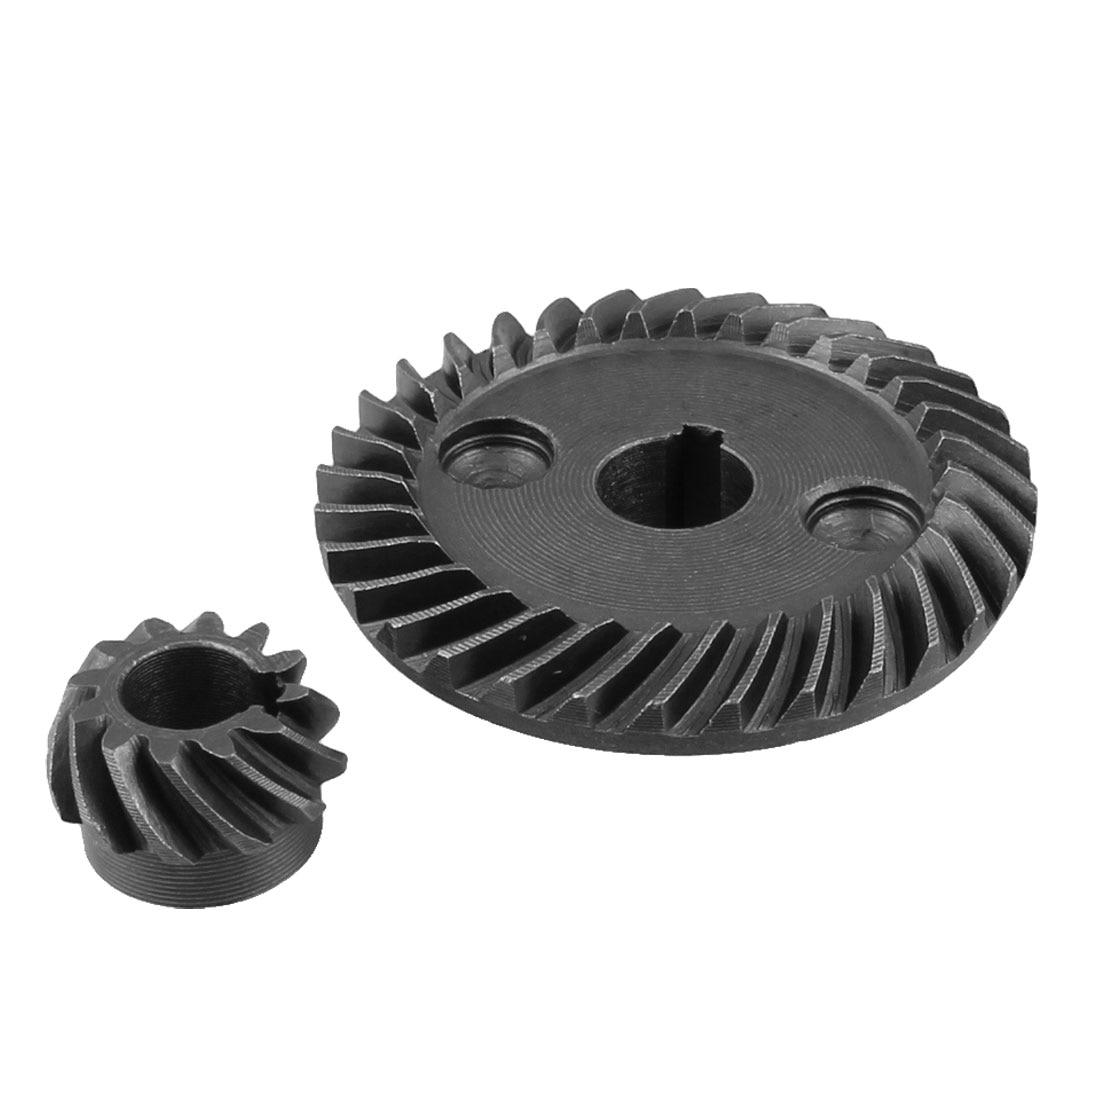 Nuevo juego de engranajes cónicos en espiral de Metal para la lijadora angular Makita 9523 Adecuado para la modificación del coche 92-00 Kit de buje de transmisión de poliuretano rojo